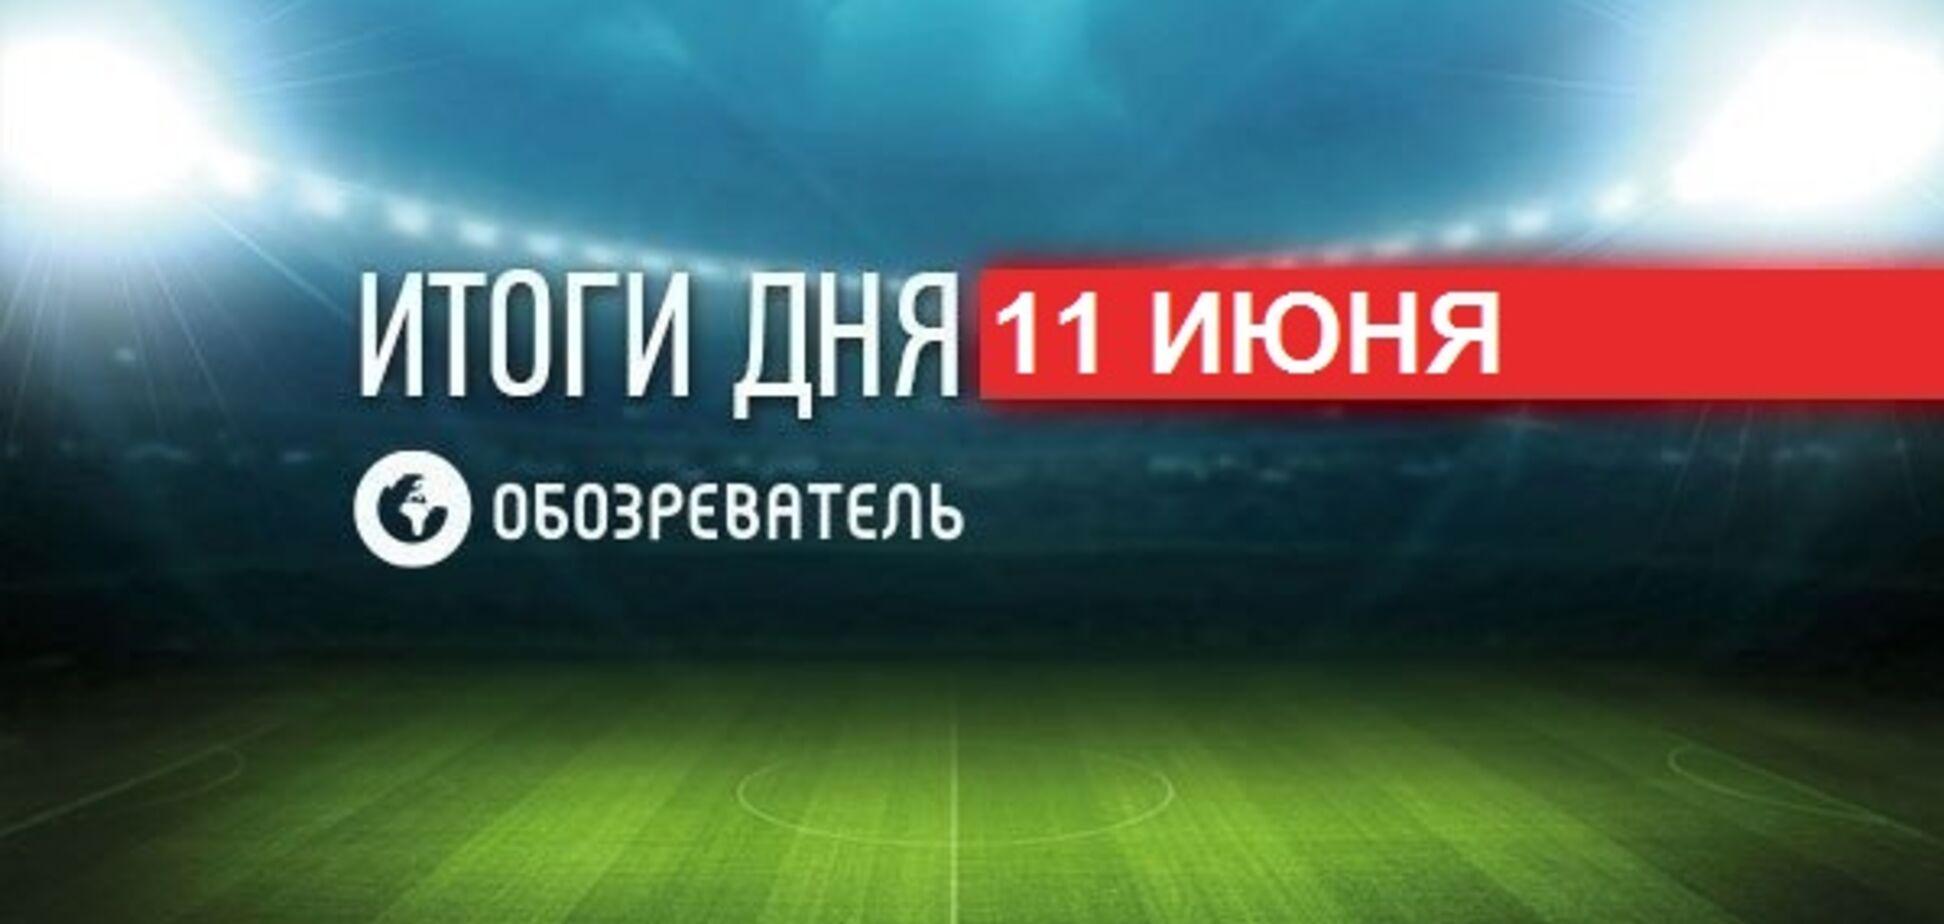 З'явилося нове відео із загиблим у РФ футболістом Вшивковим: підсумки спорту 11 червня